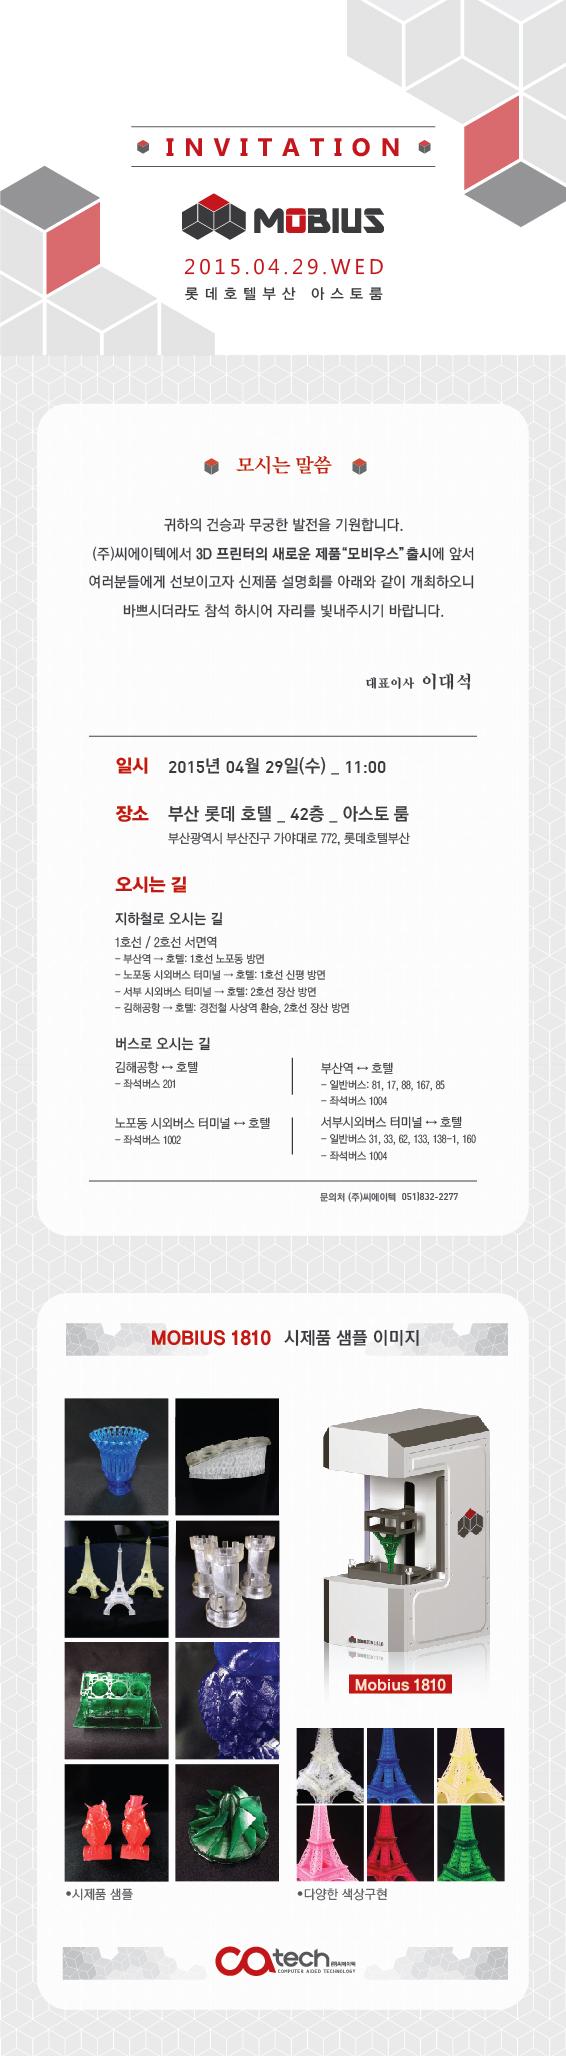 초대권-03.jpg